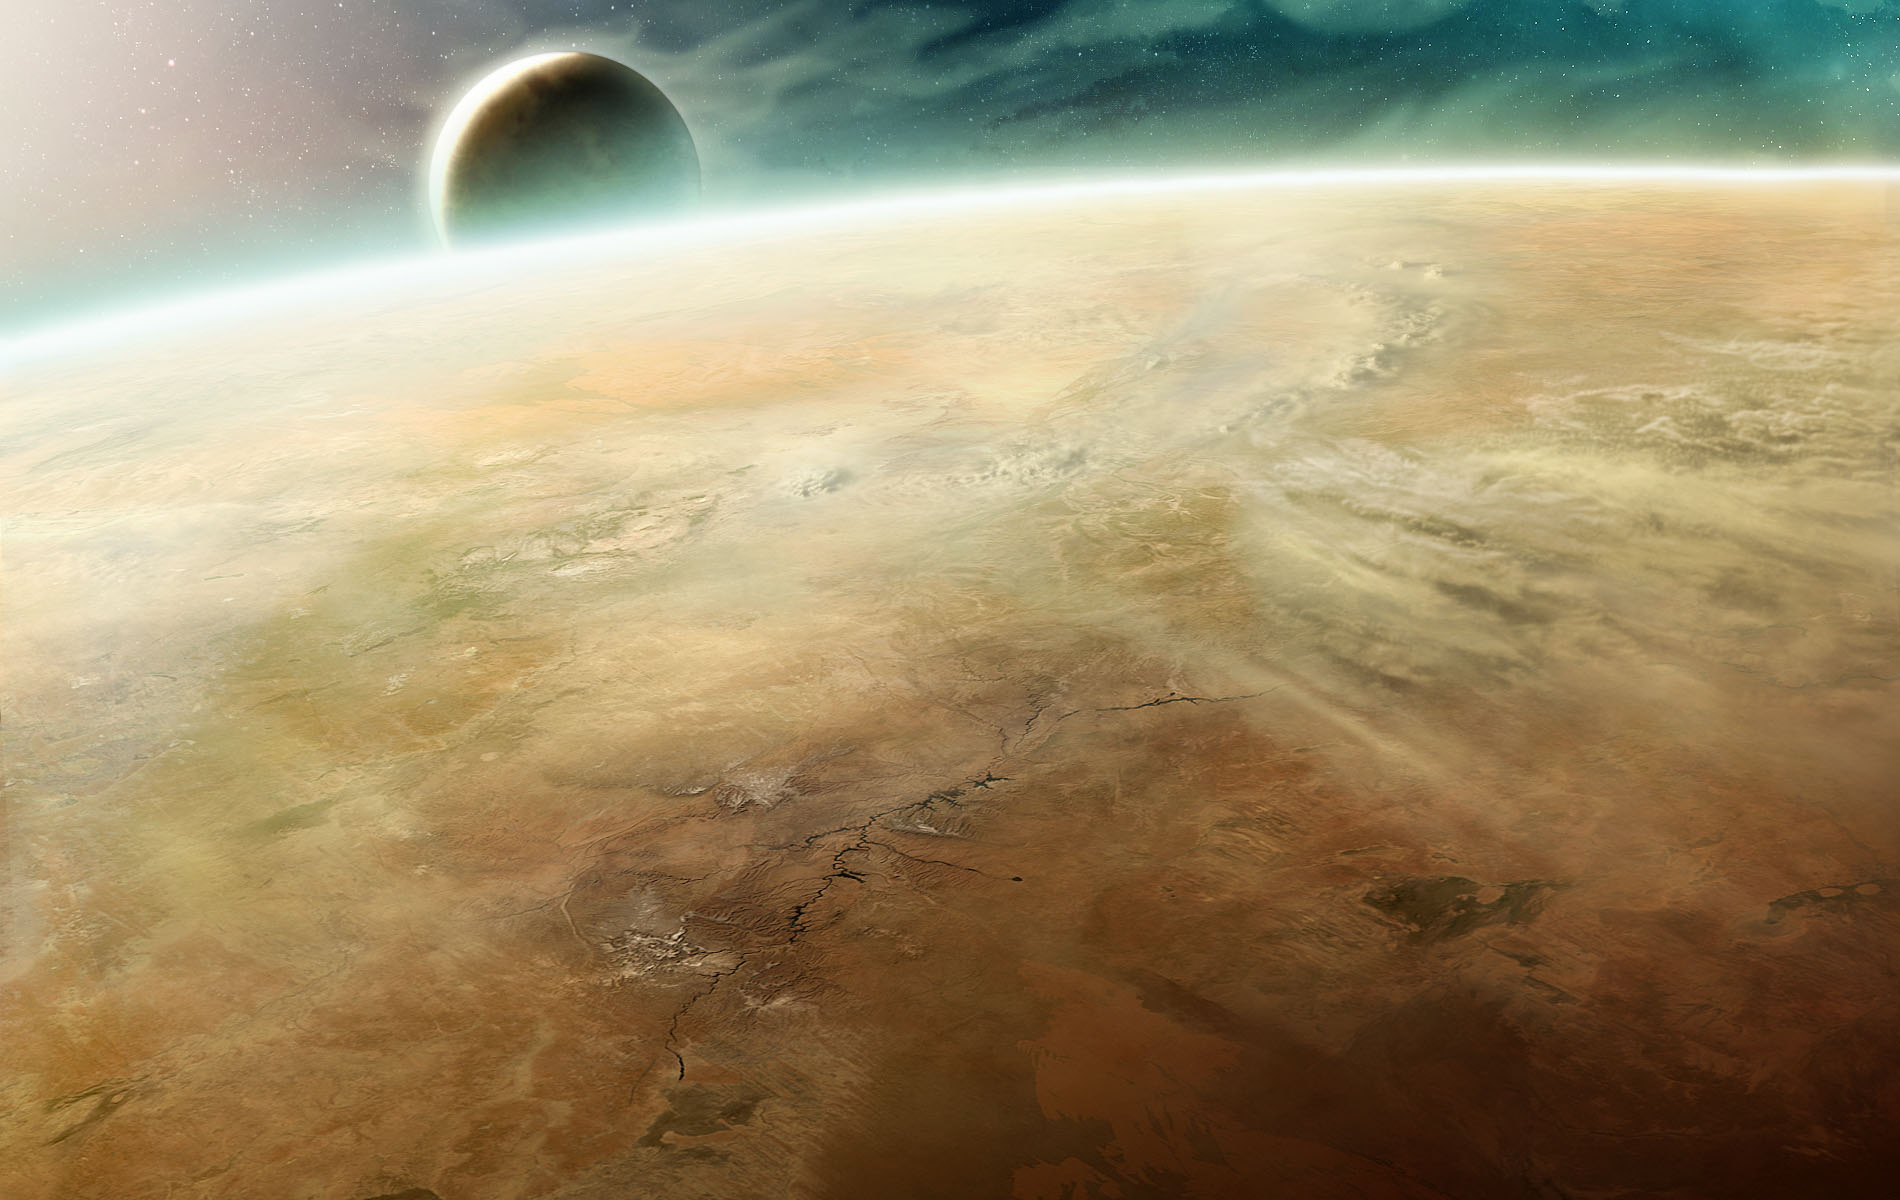 Planet Calderis